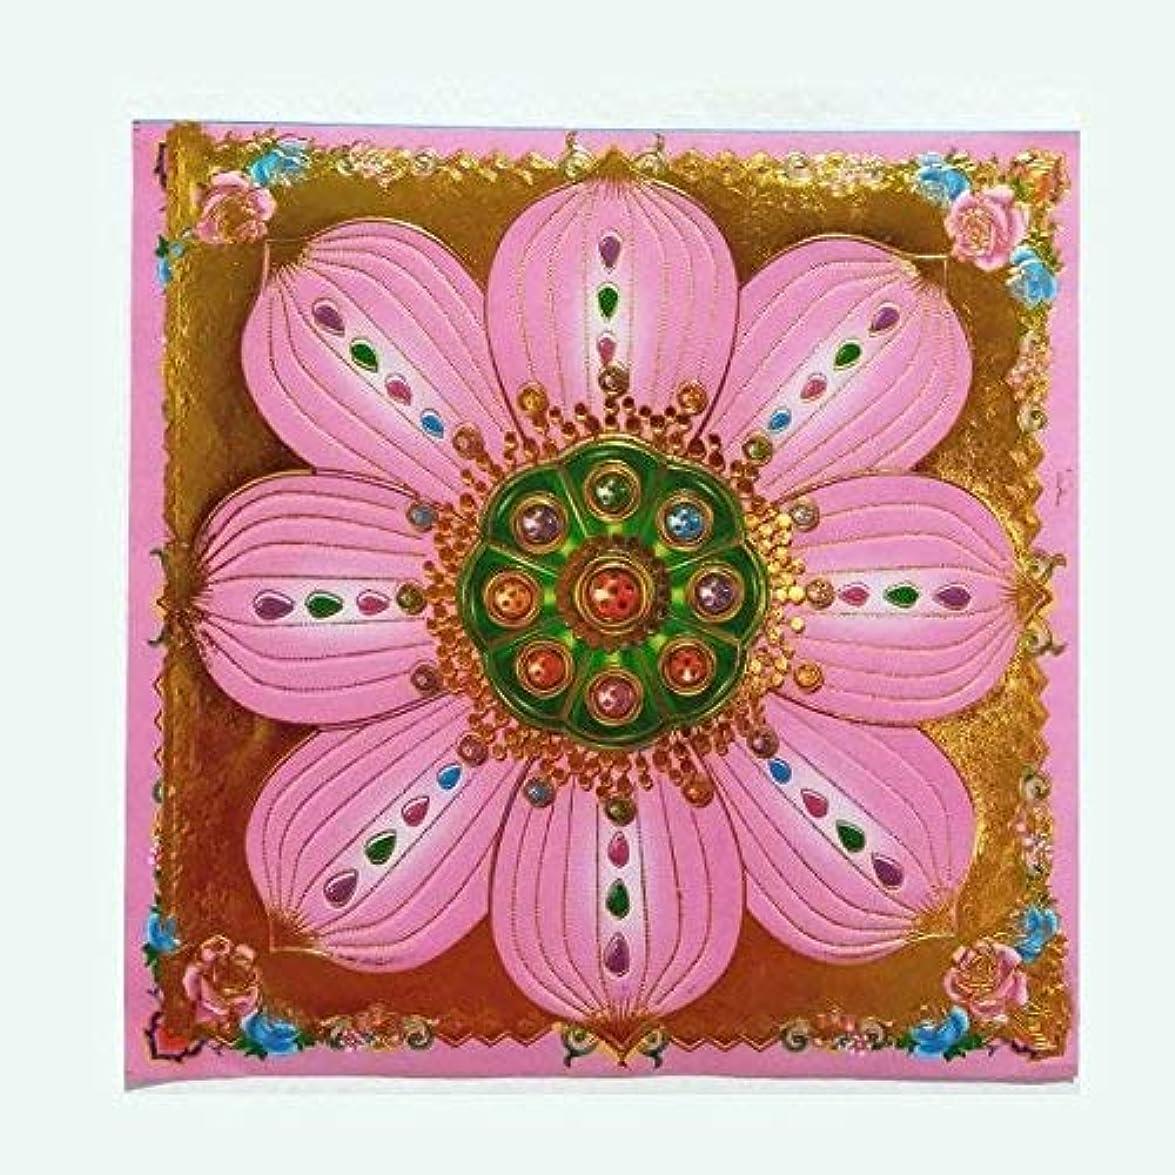 不正変数抹消40pcs Incense用紙/ Joss用紙ハイグレードカラフルwithゴールドの箔Sサイズの祖先Praying 7.5インチx 7.5インチ(ピンク)